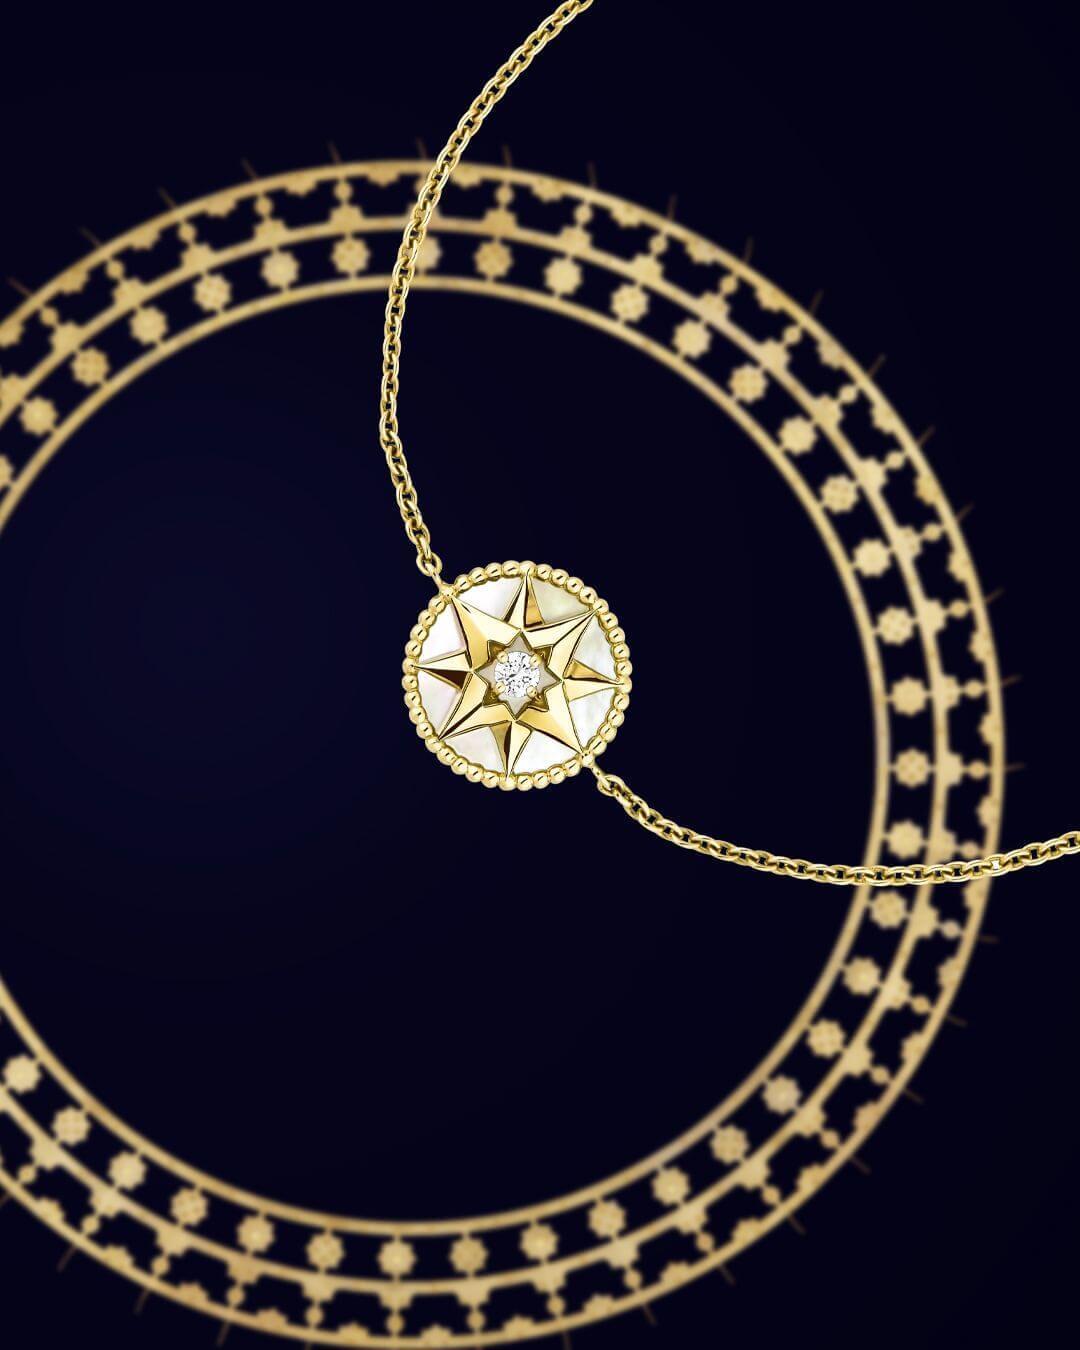 Dior Joaillerie mücevher bilgiler